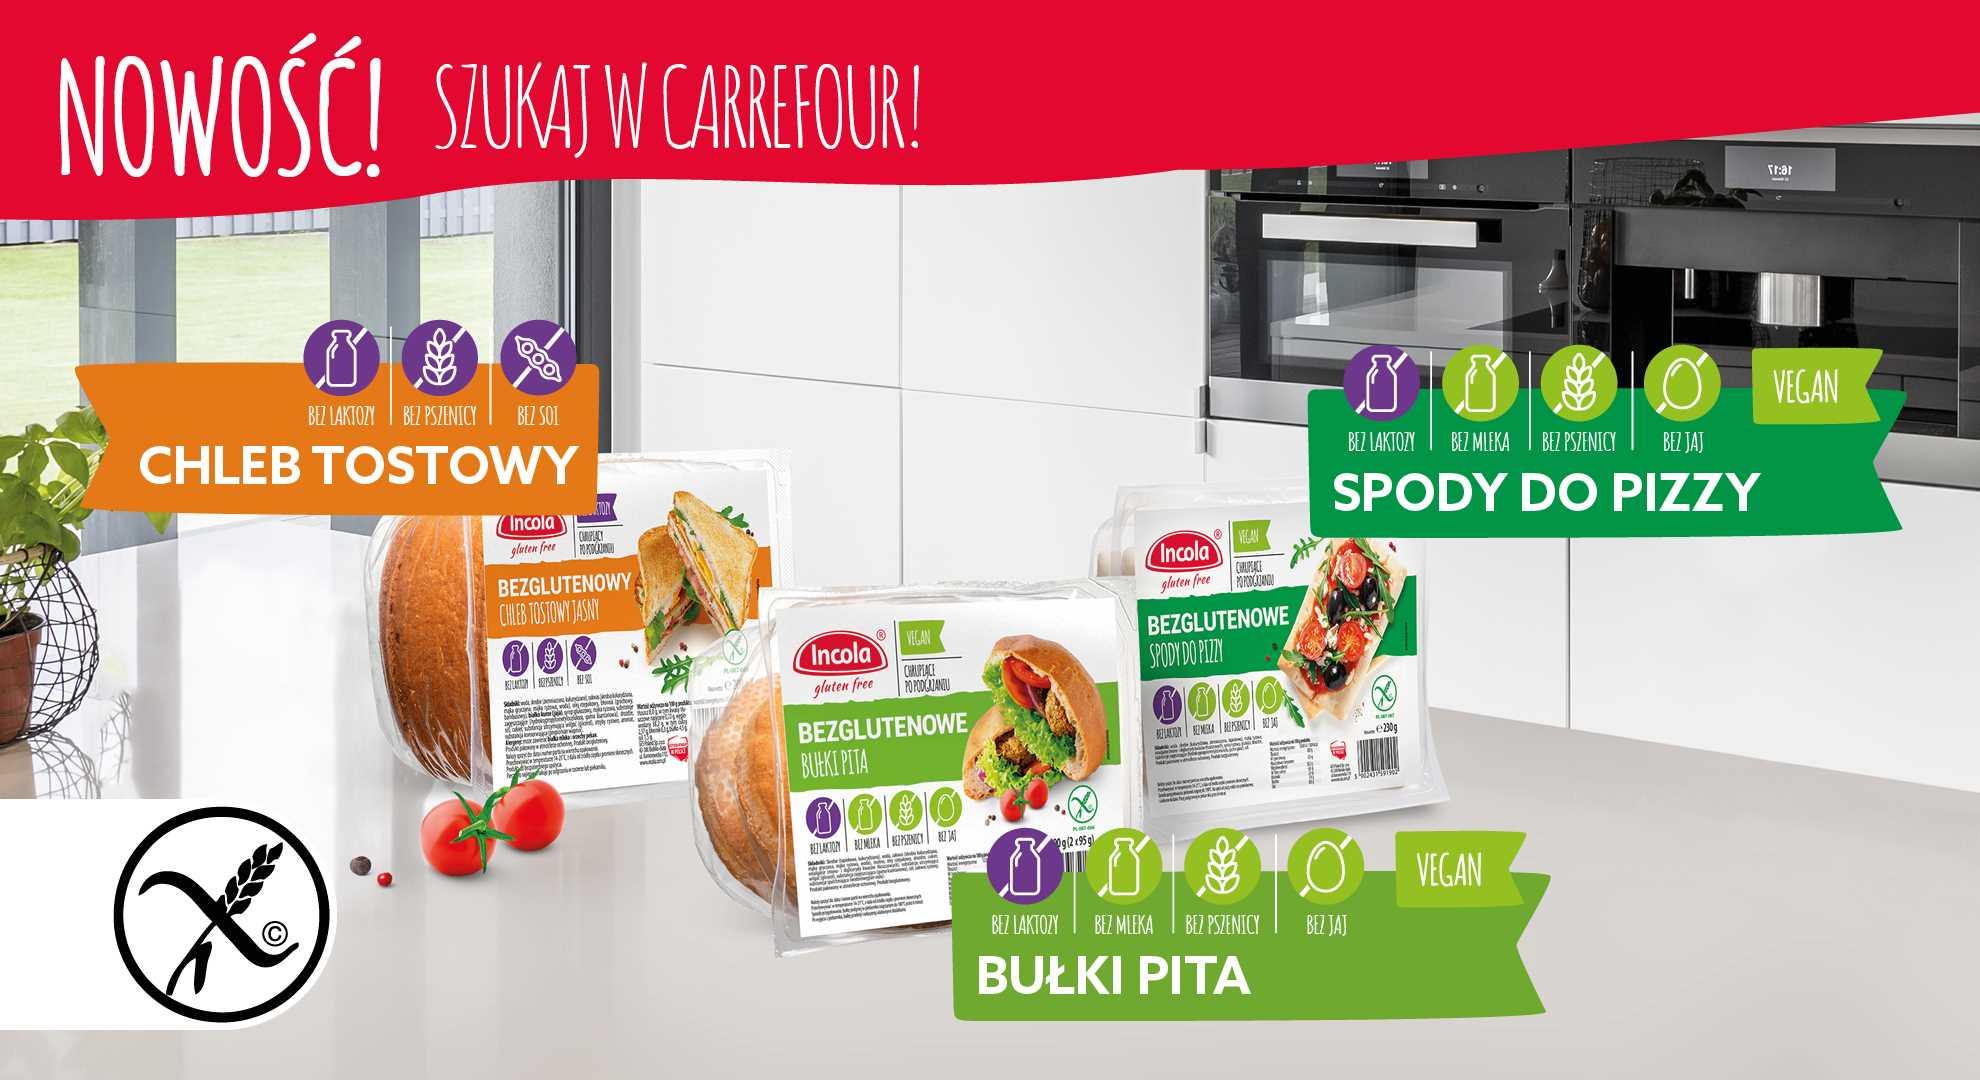 Bułki Pita, chleb tostowy - Promoca Carrefour - Incola